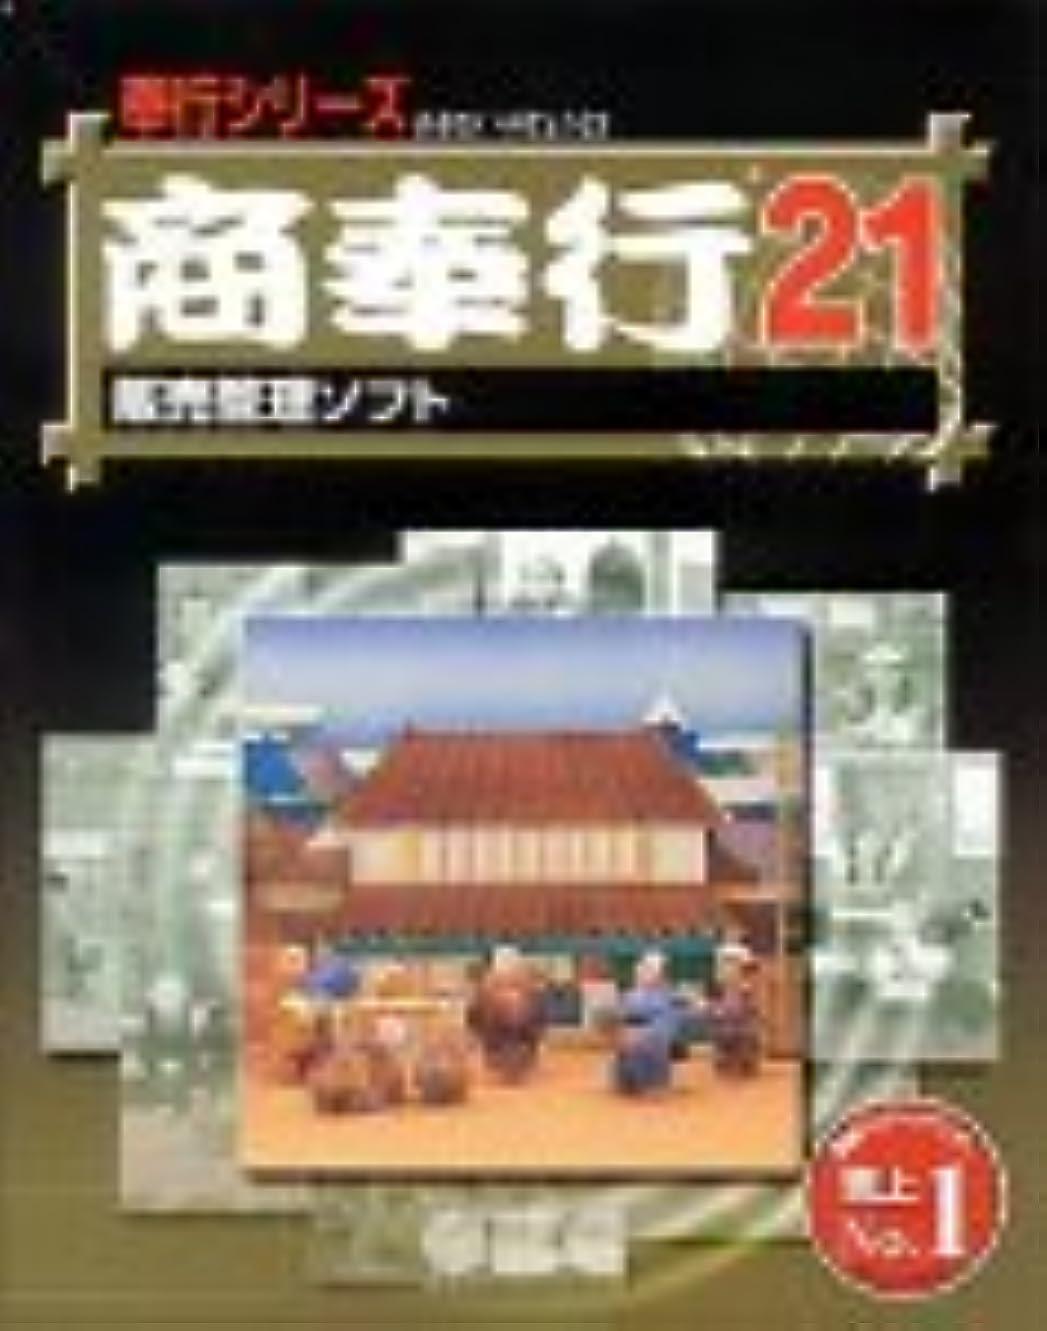 バレーボール魔女召喚する商奉行 21 ProSuperシステム